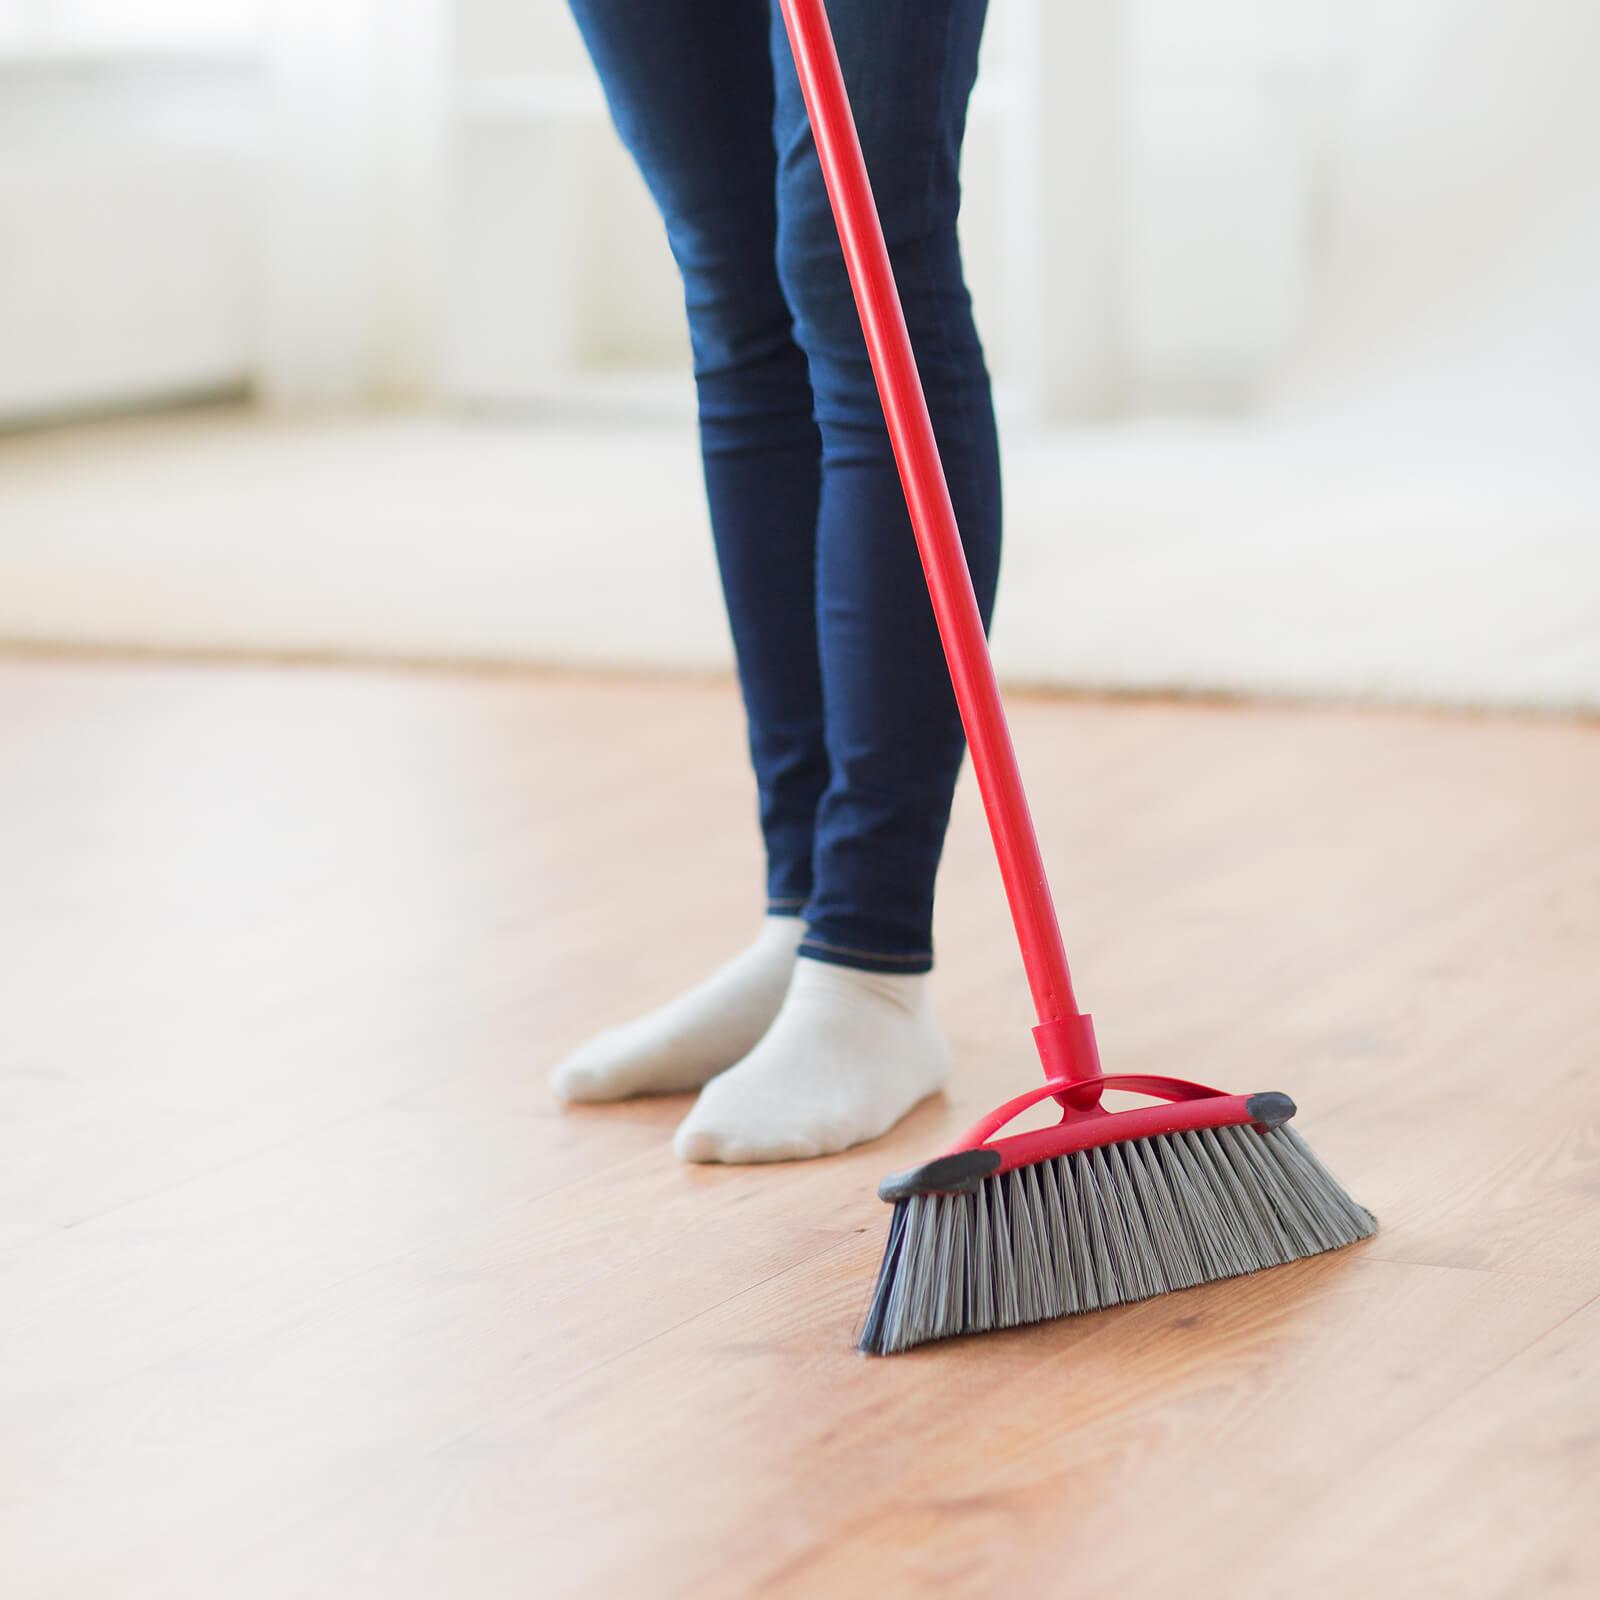 Laminate cleaning | Elite Flooring and Interiors Inc